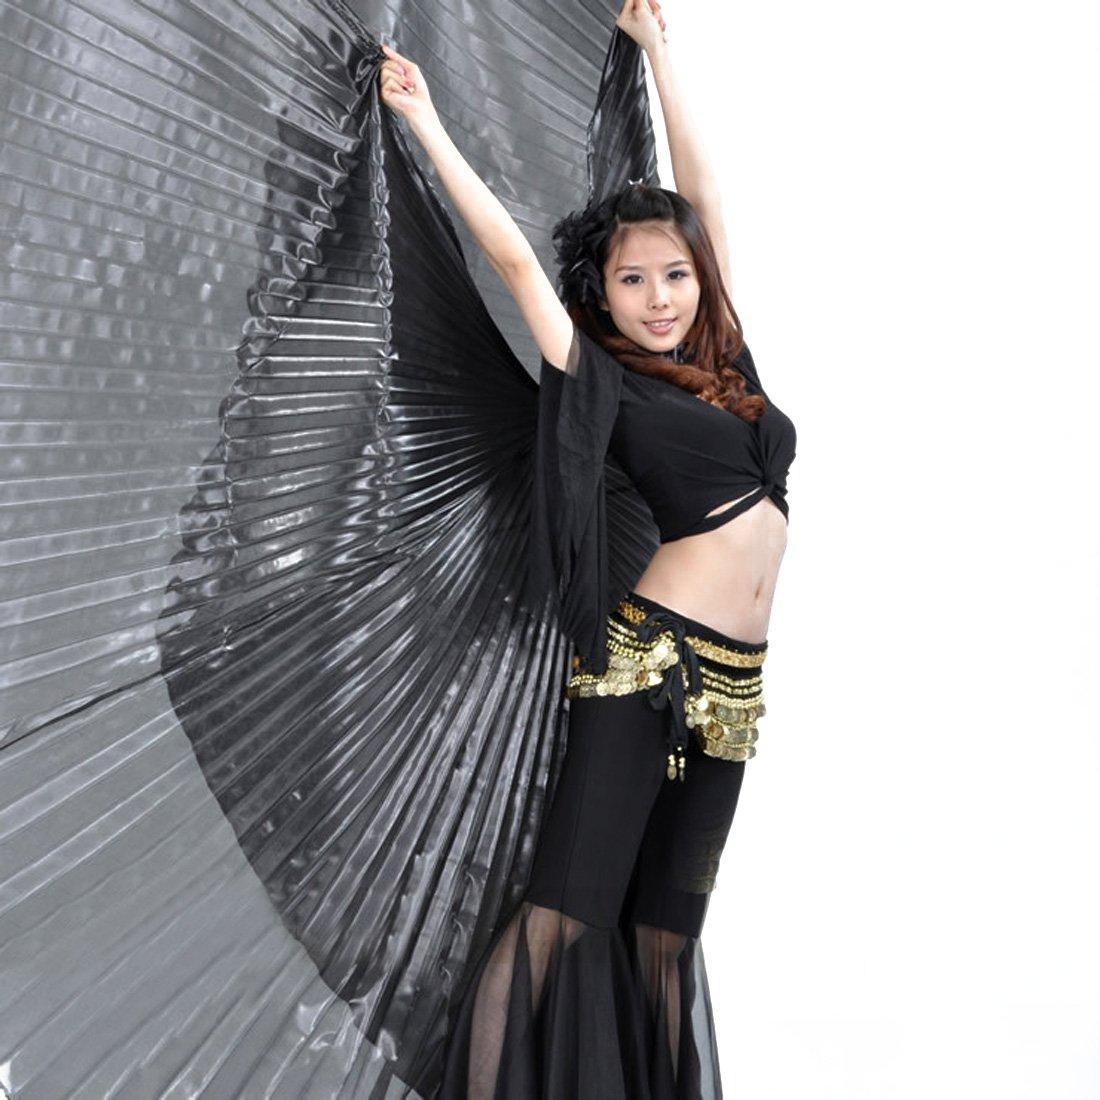 Alas de Isis para practicar danza del vientre egipcia, ideal para regalar, para Navidad, como disfraz, etc., de la marca Calcifer, negro